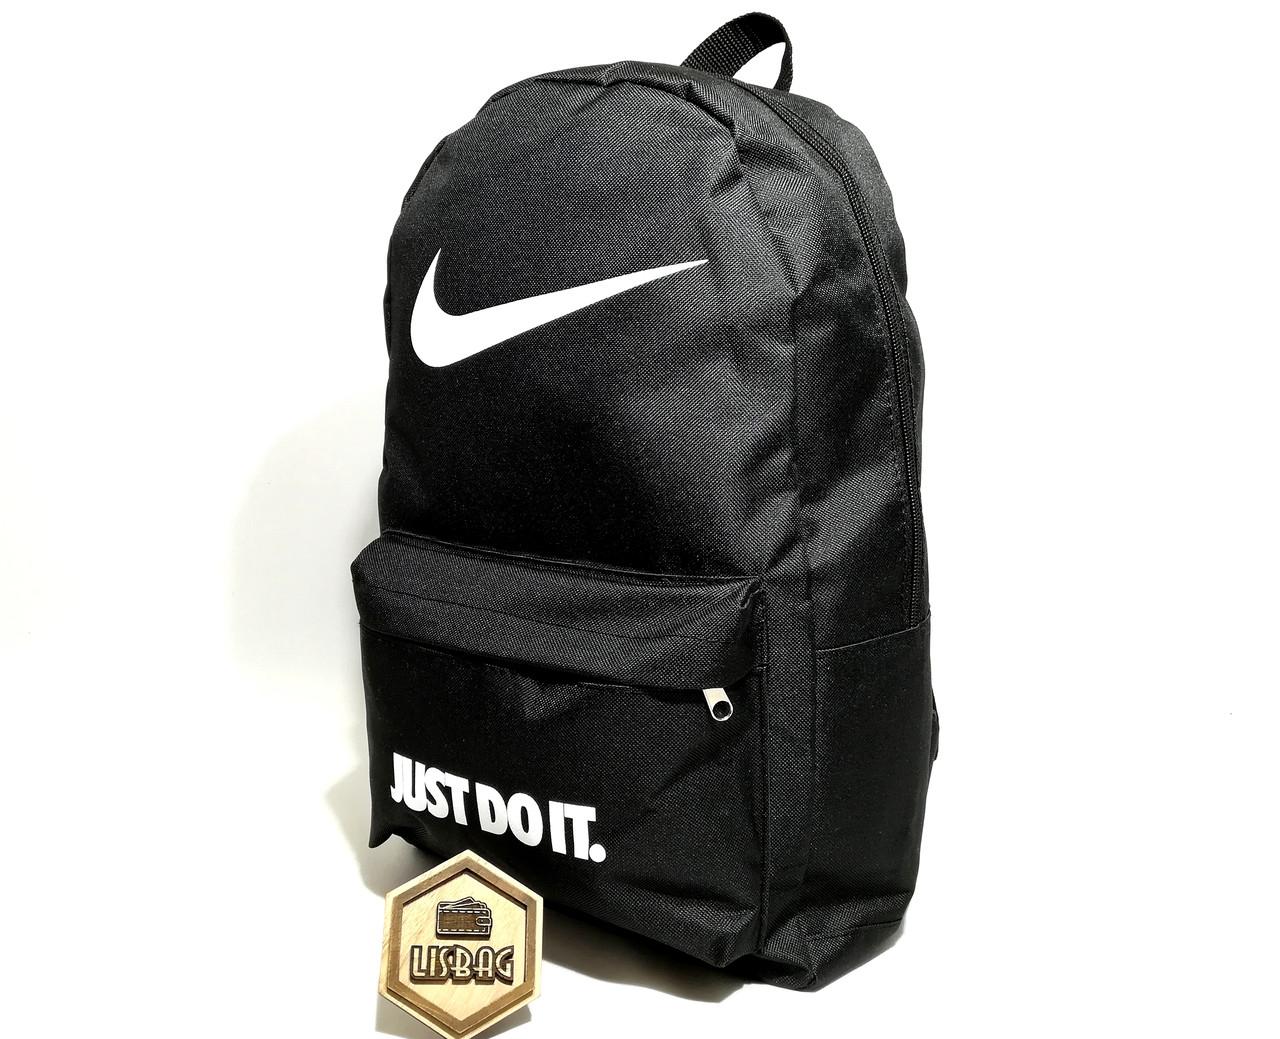 1968b2bfe0c0 ... Спортивный-городской рюкзак Nike Just do it реплика люкс качества Черный  с белым значком, ...